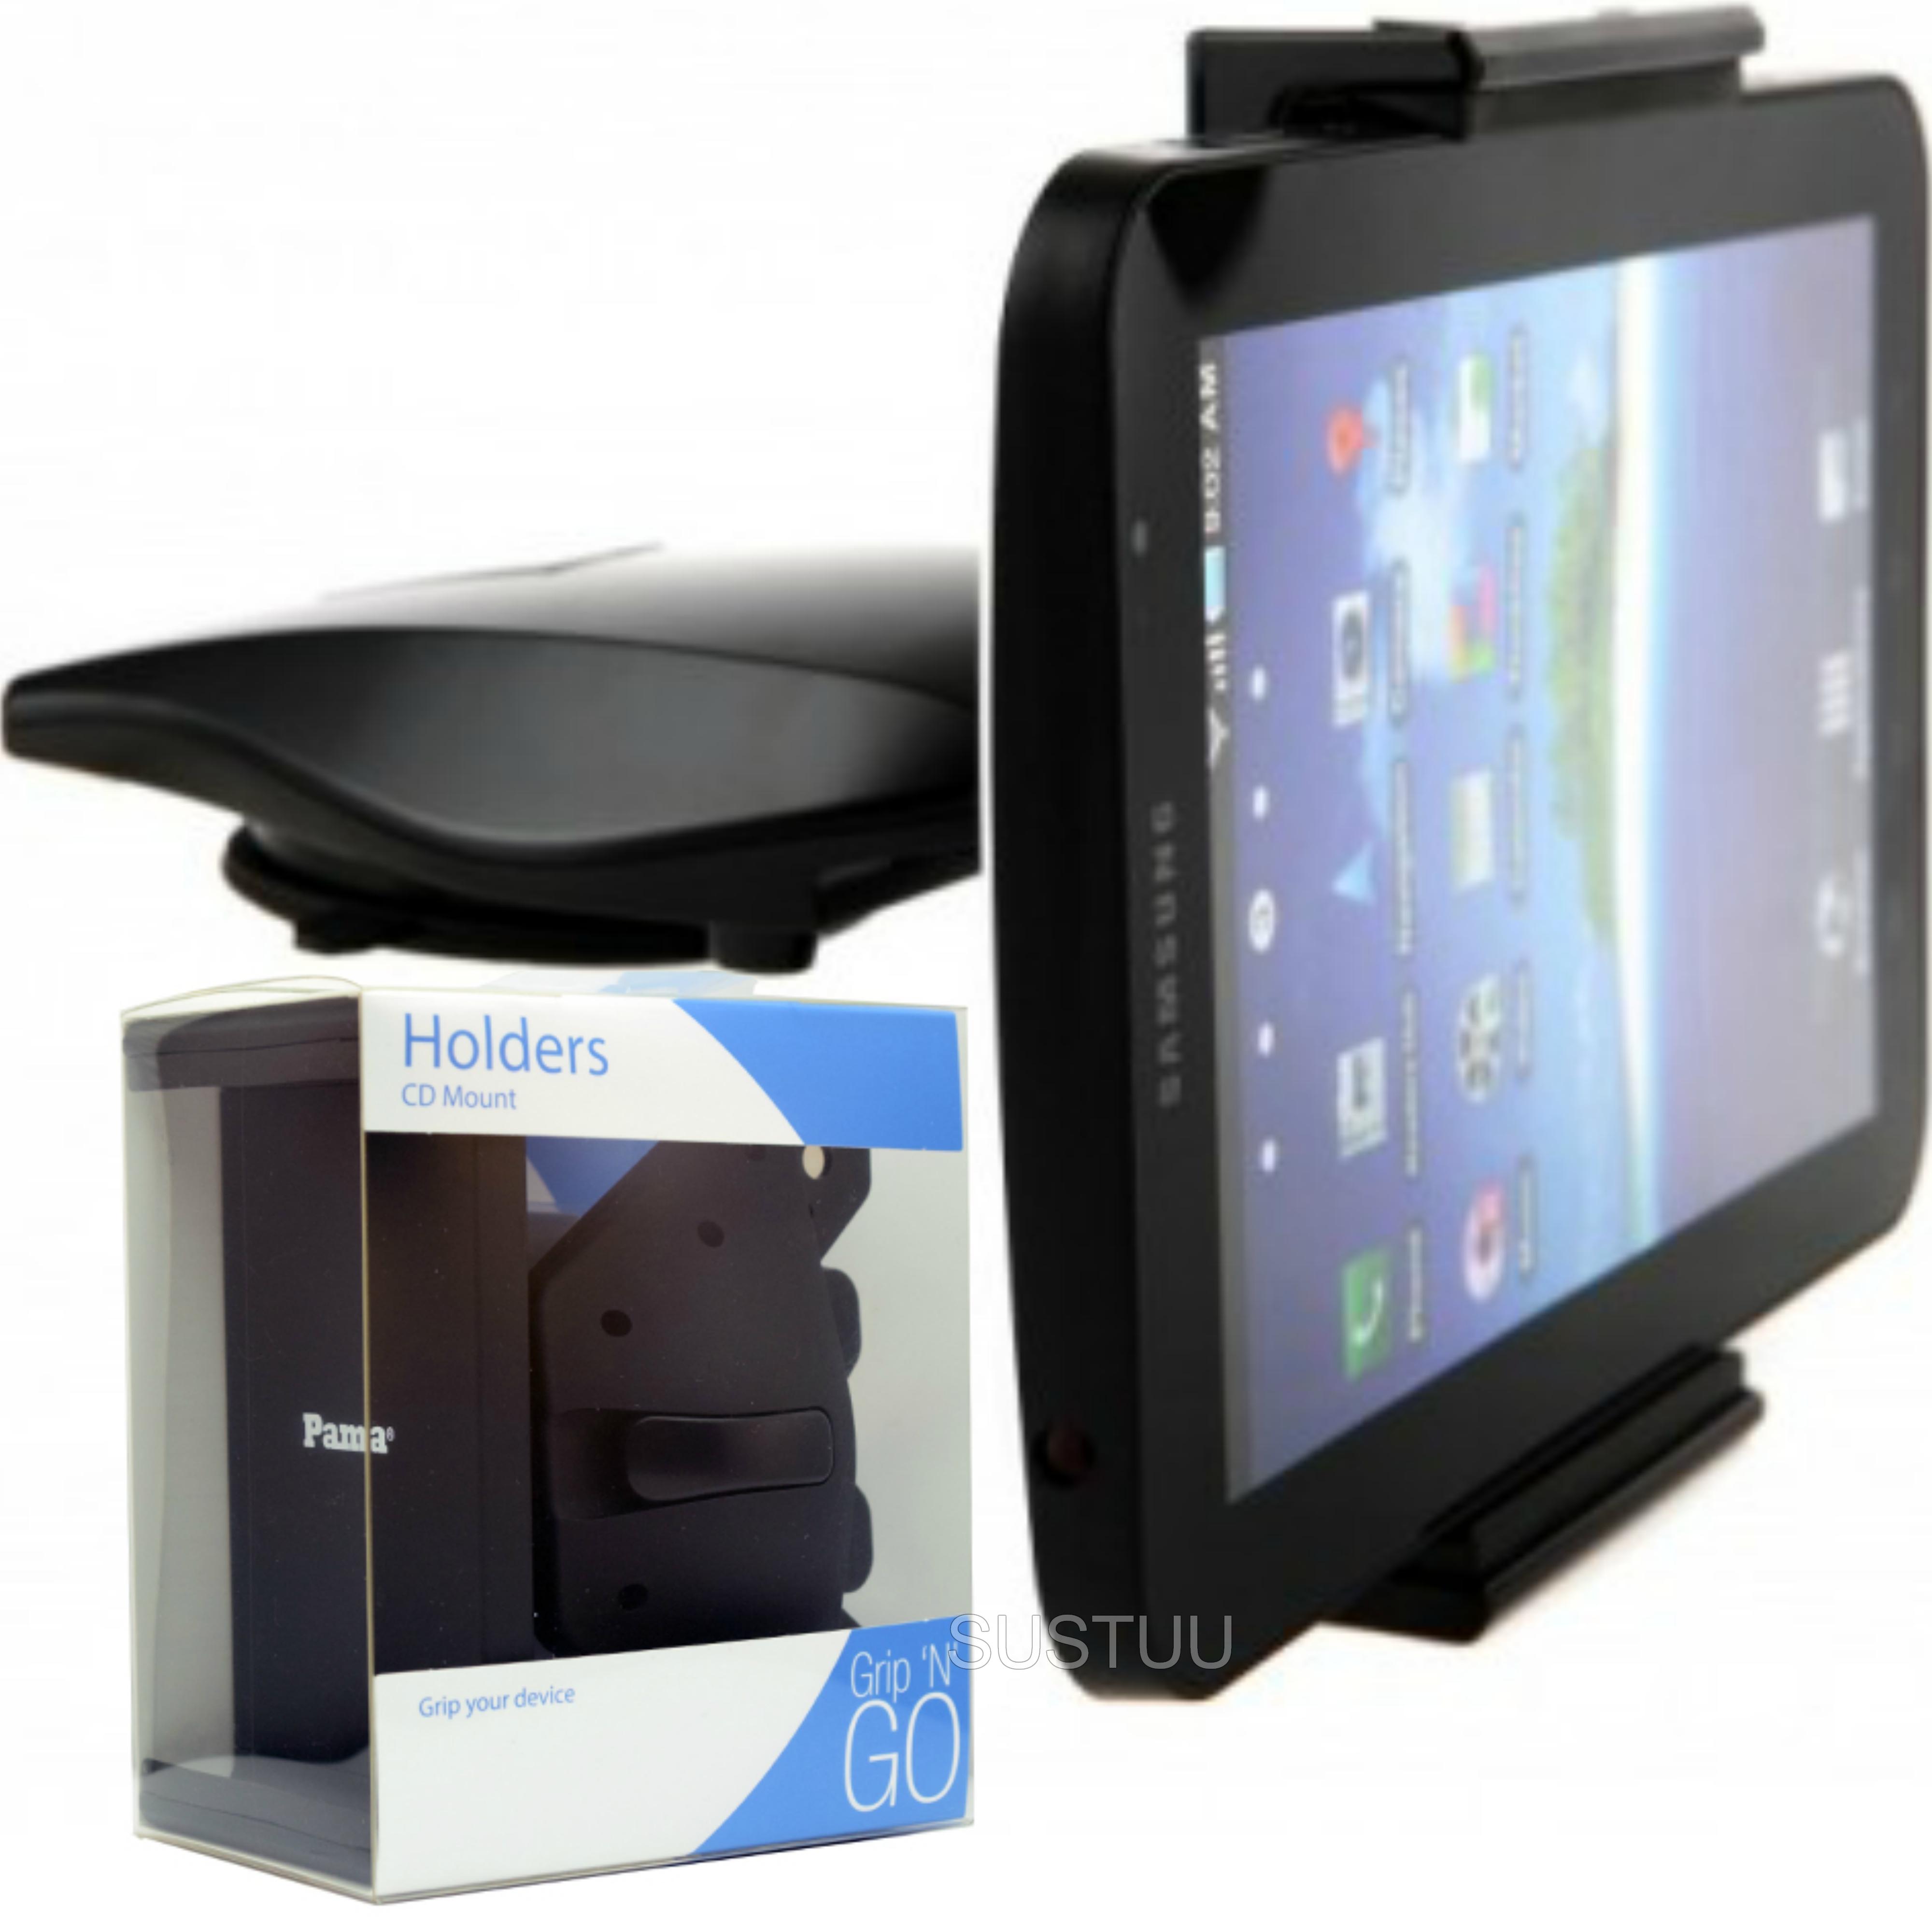 Universal CD Slot Tablet Mount | Spring Holder/Cradle | 11-17cm Devices | 360°Rotation